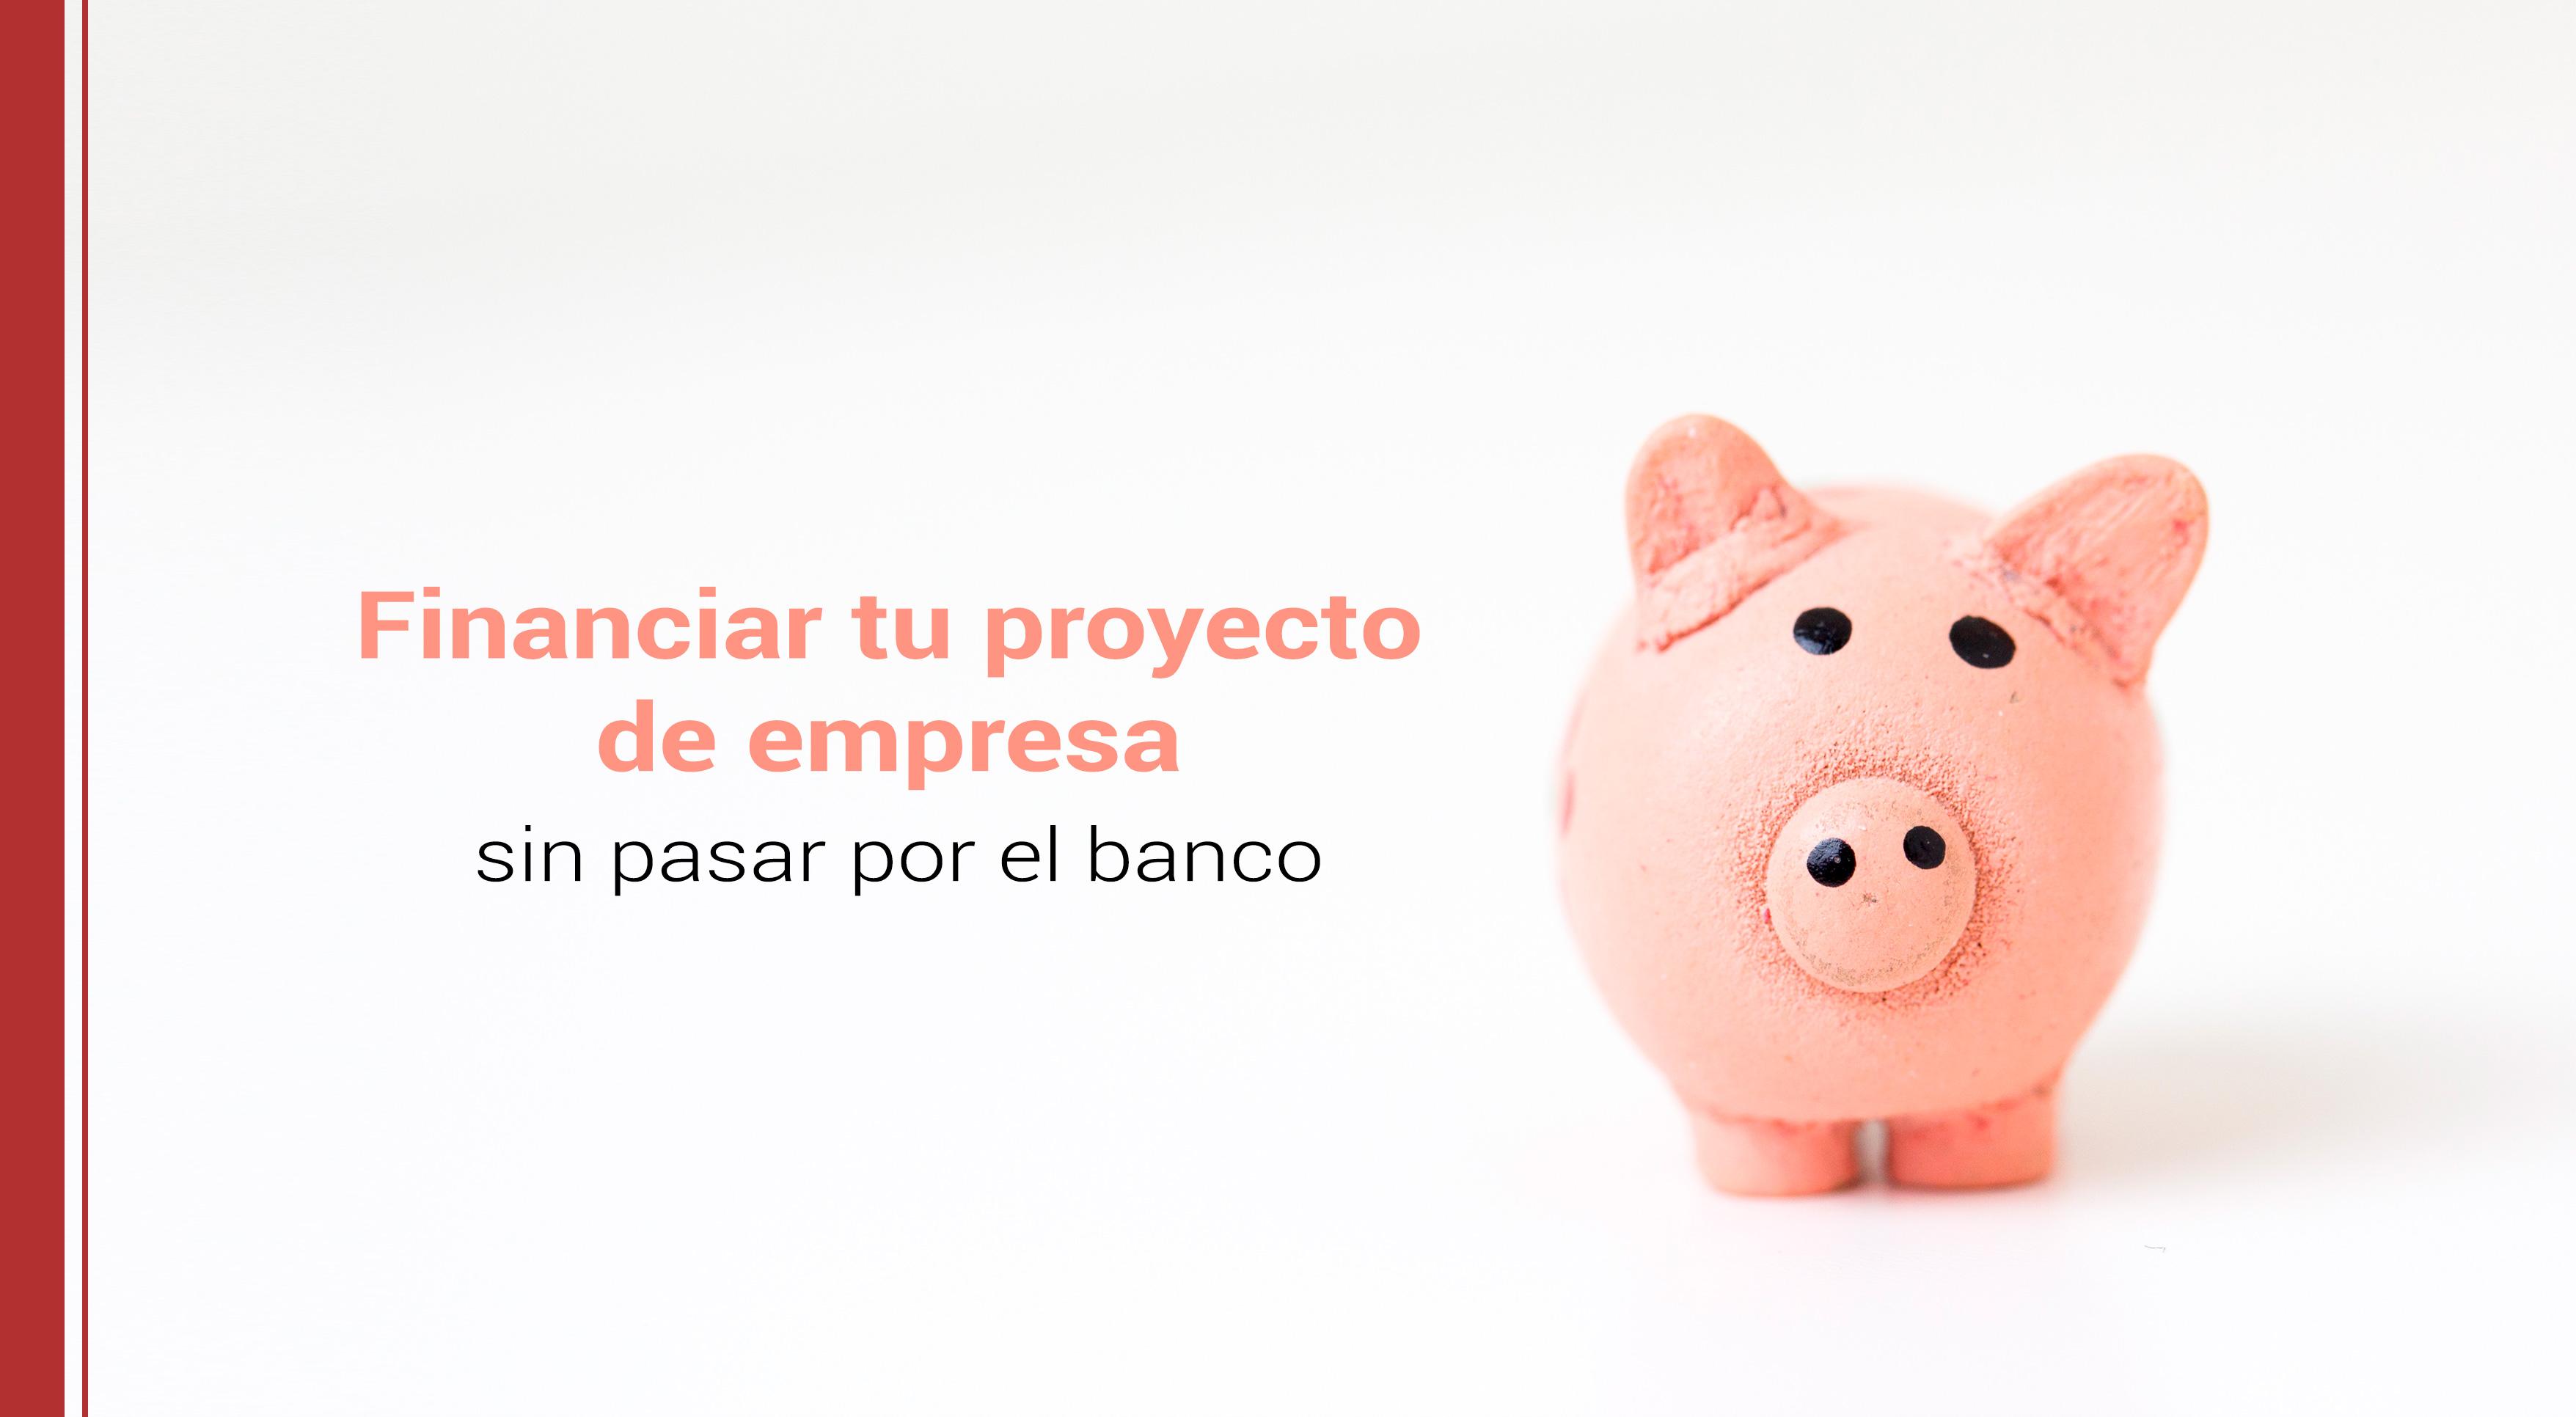 financiar-proyecto-de-empresa-sin-pasar-por-banco Cómo financiar tu proyecto de empresa sin pasar por el banco